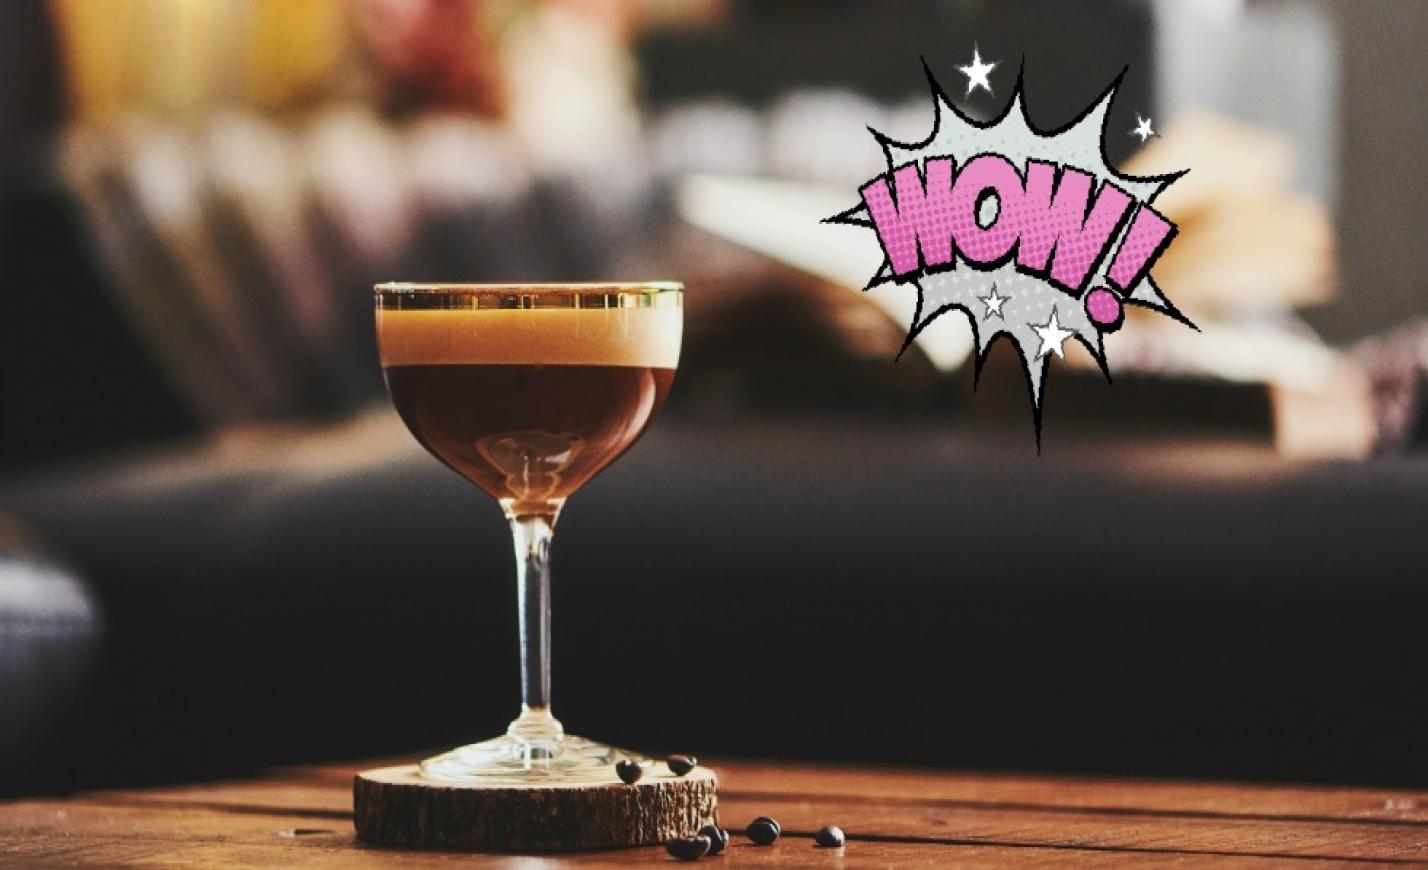 Megérkezett az espresso martini, az influenszerek új kedvenc itala